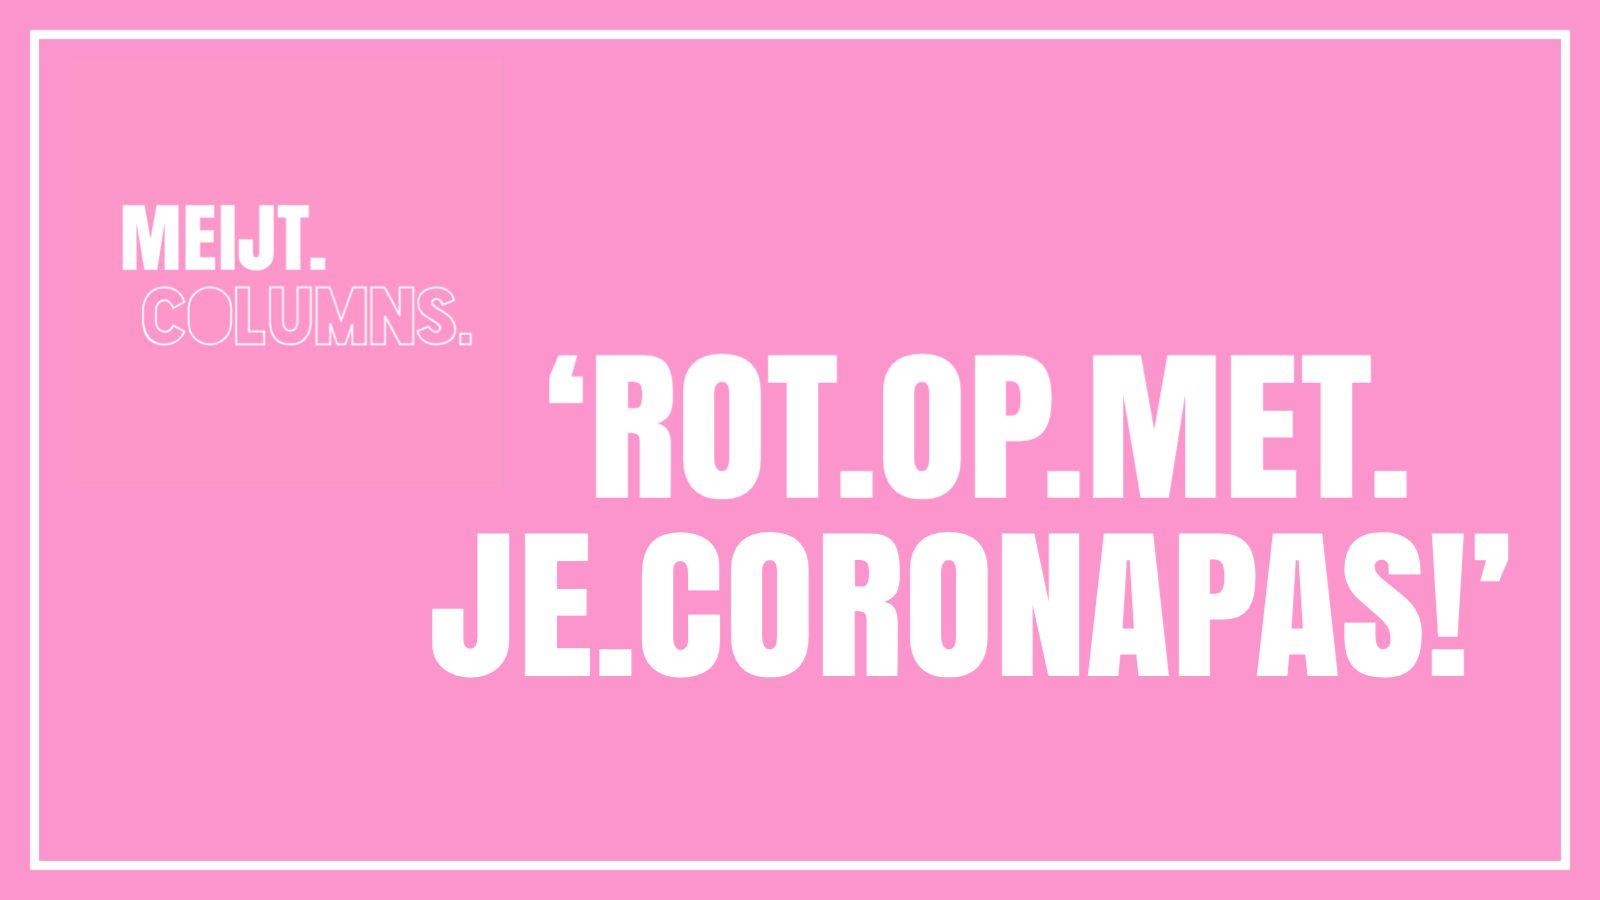 Rot op met je coronapas!